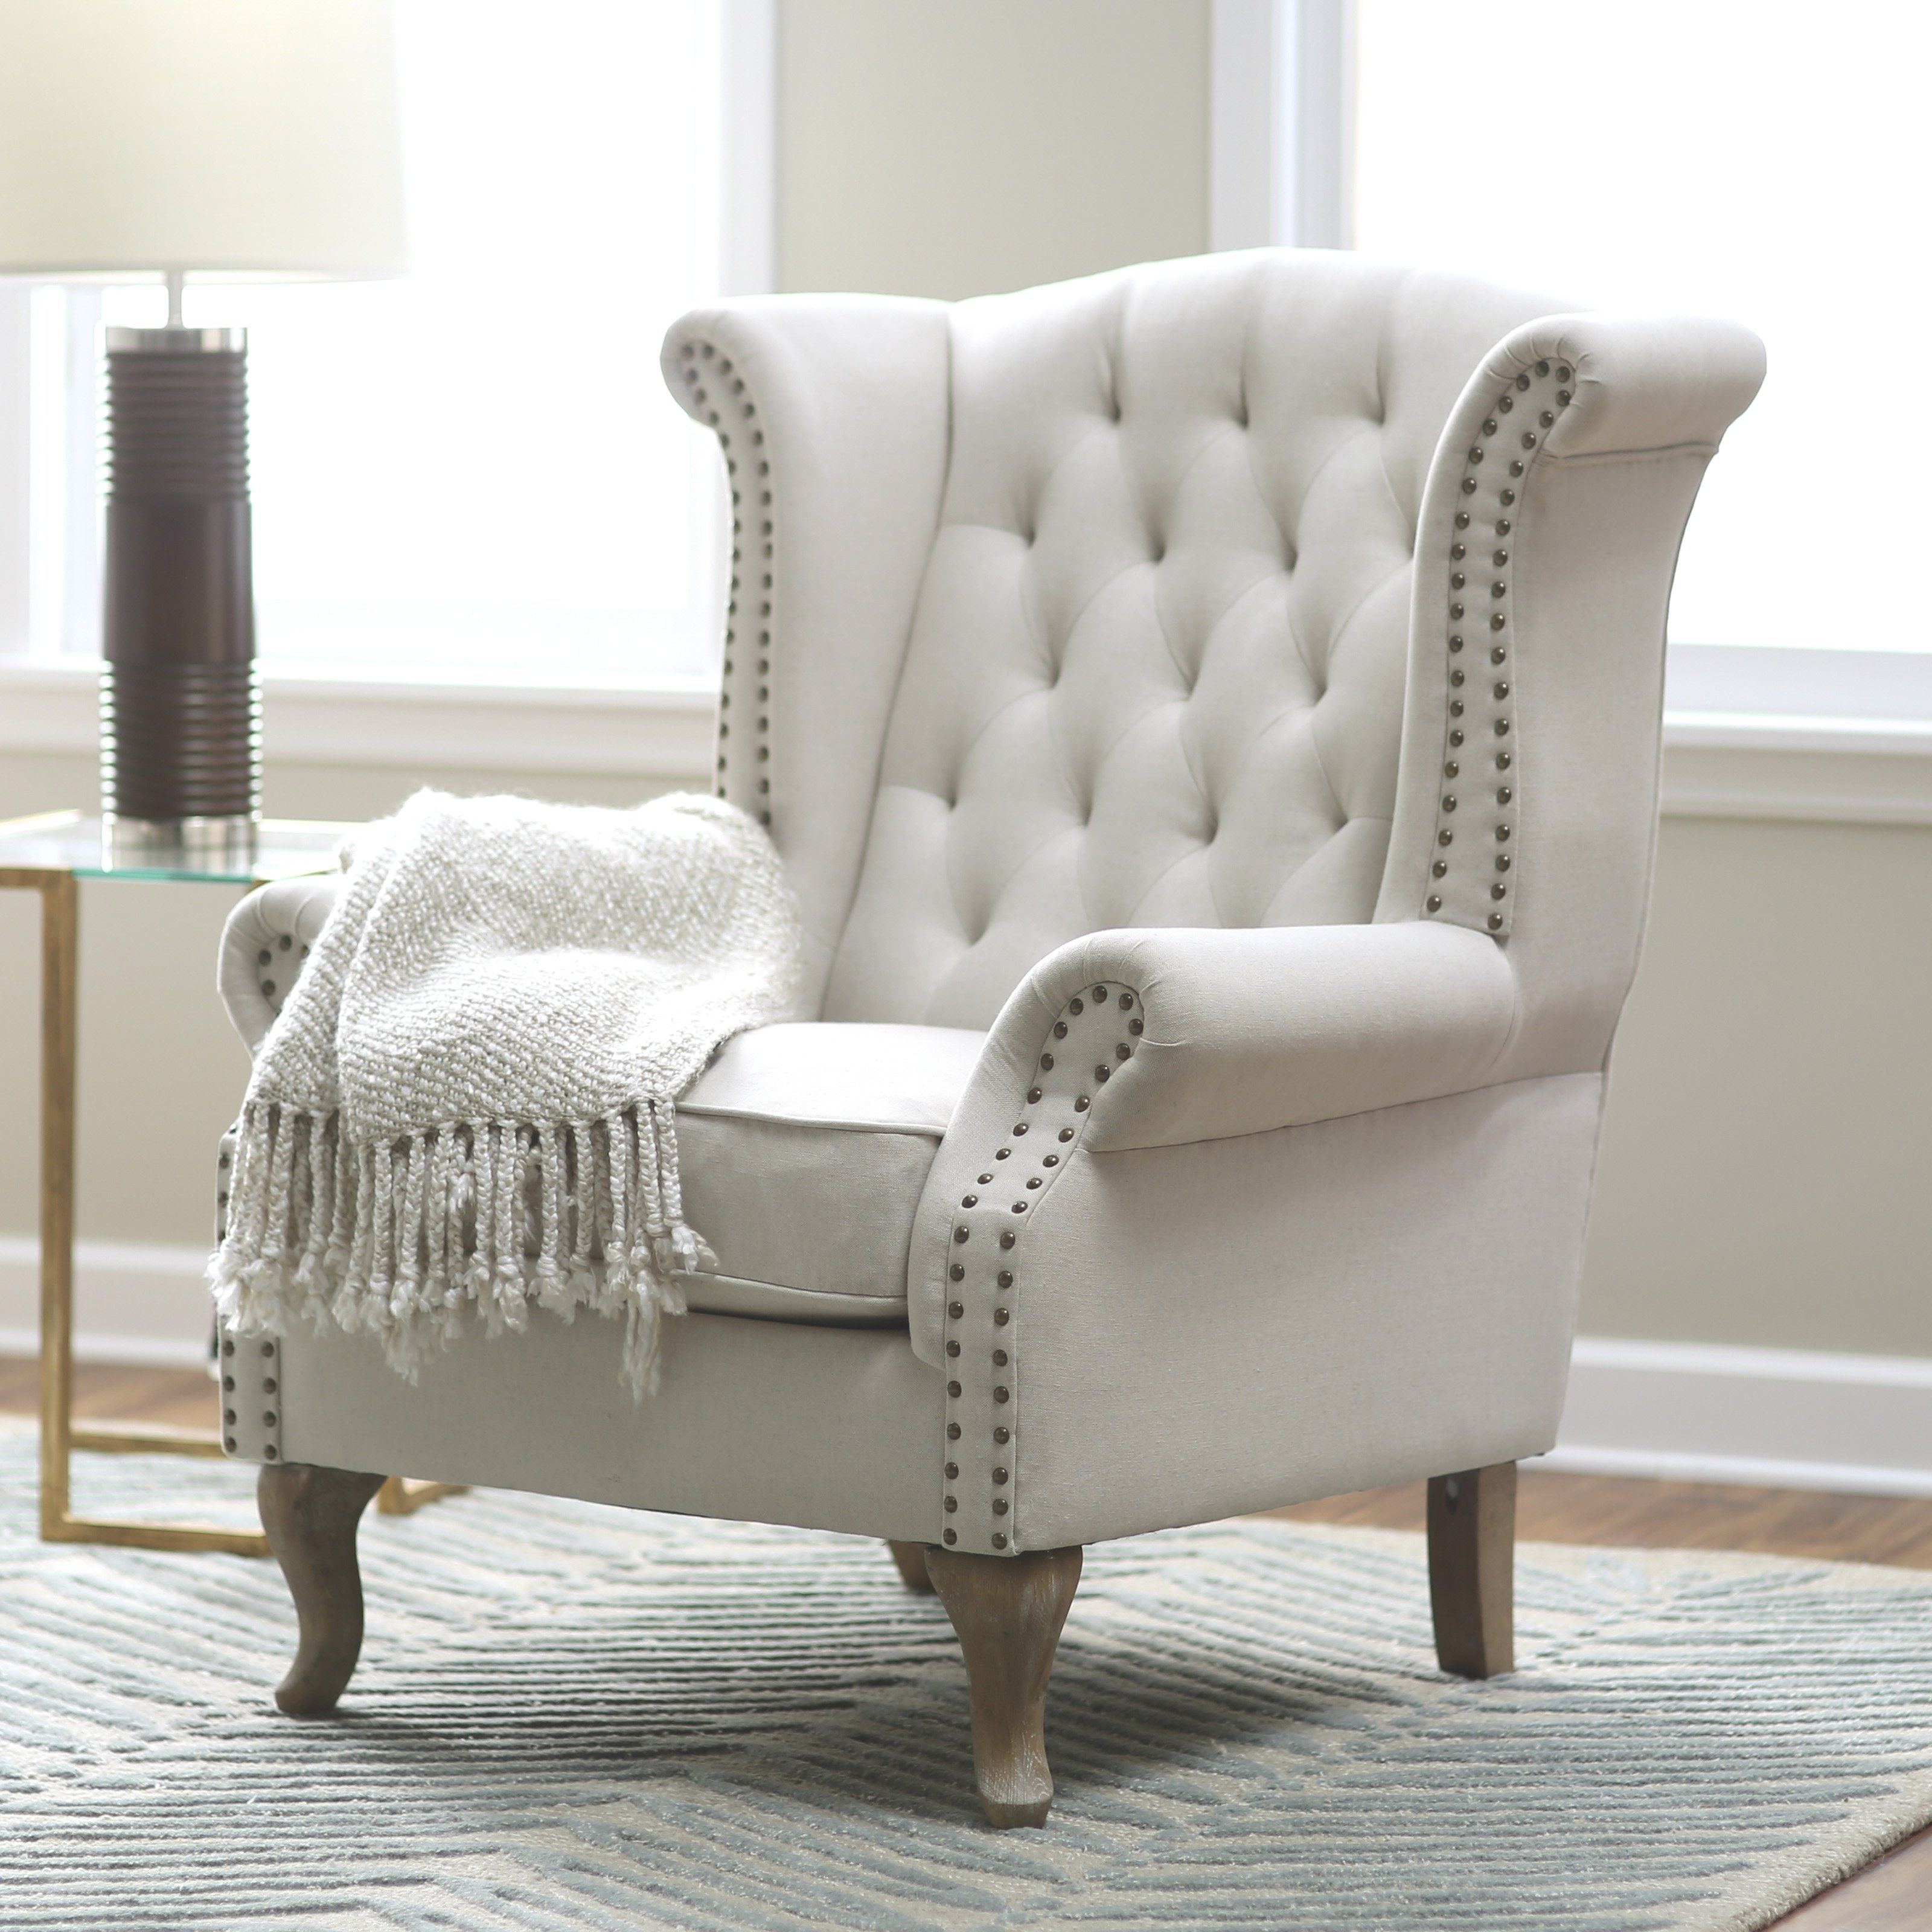 Stuhl Dekorativen Stühle Für Schlafzimmer Bett Sitz Blau